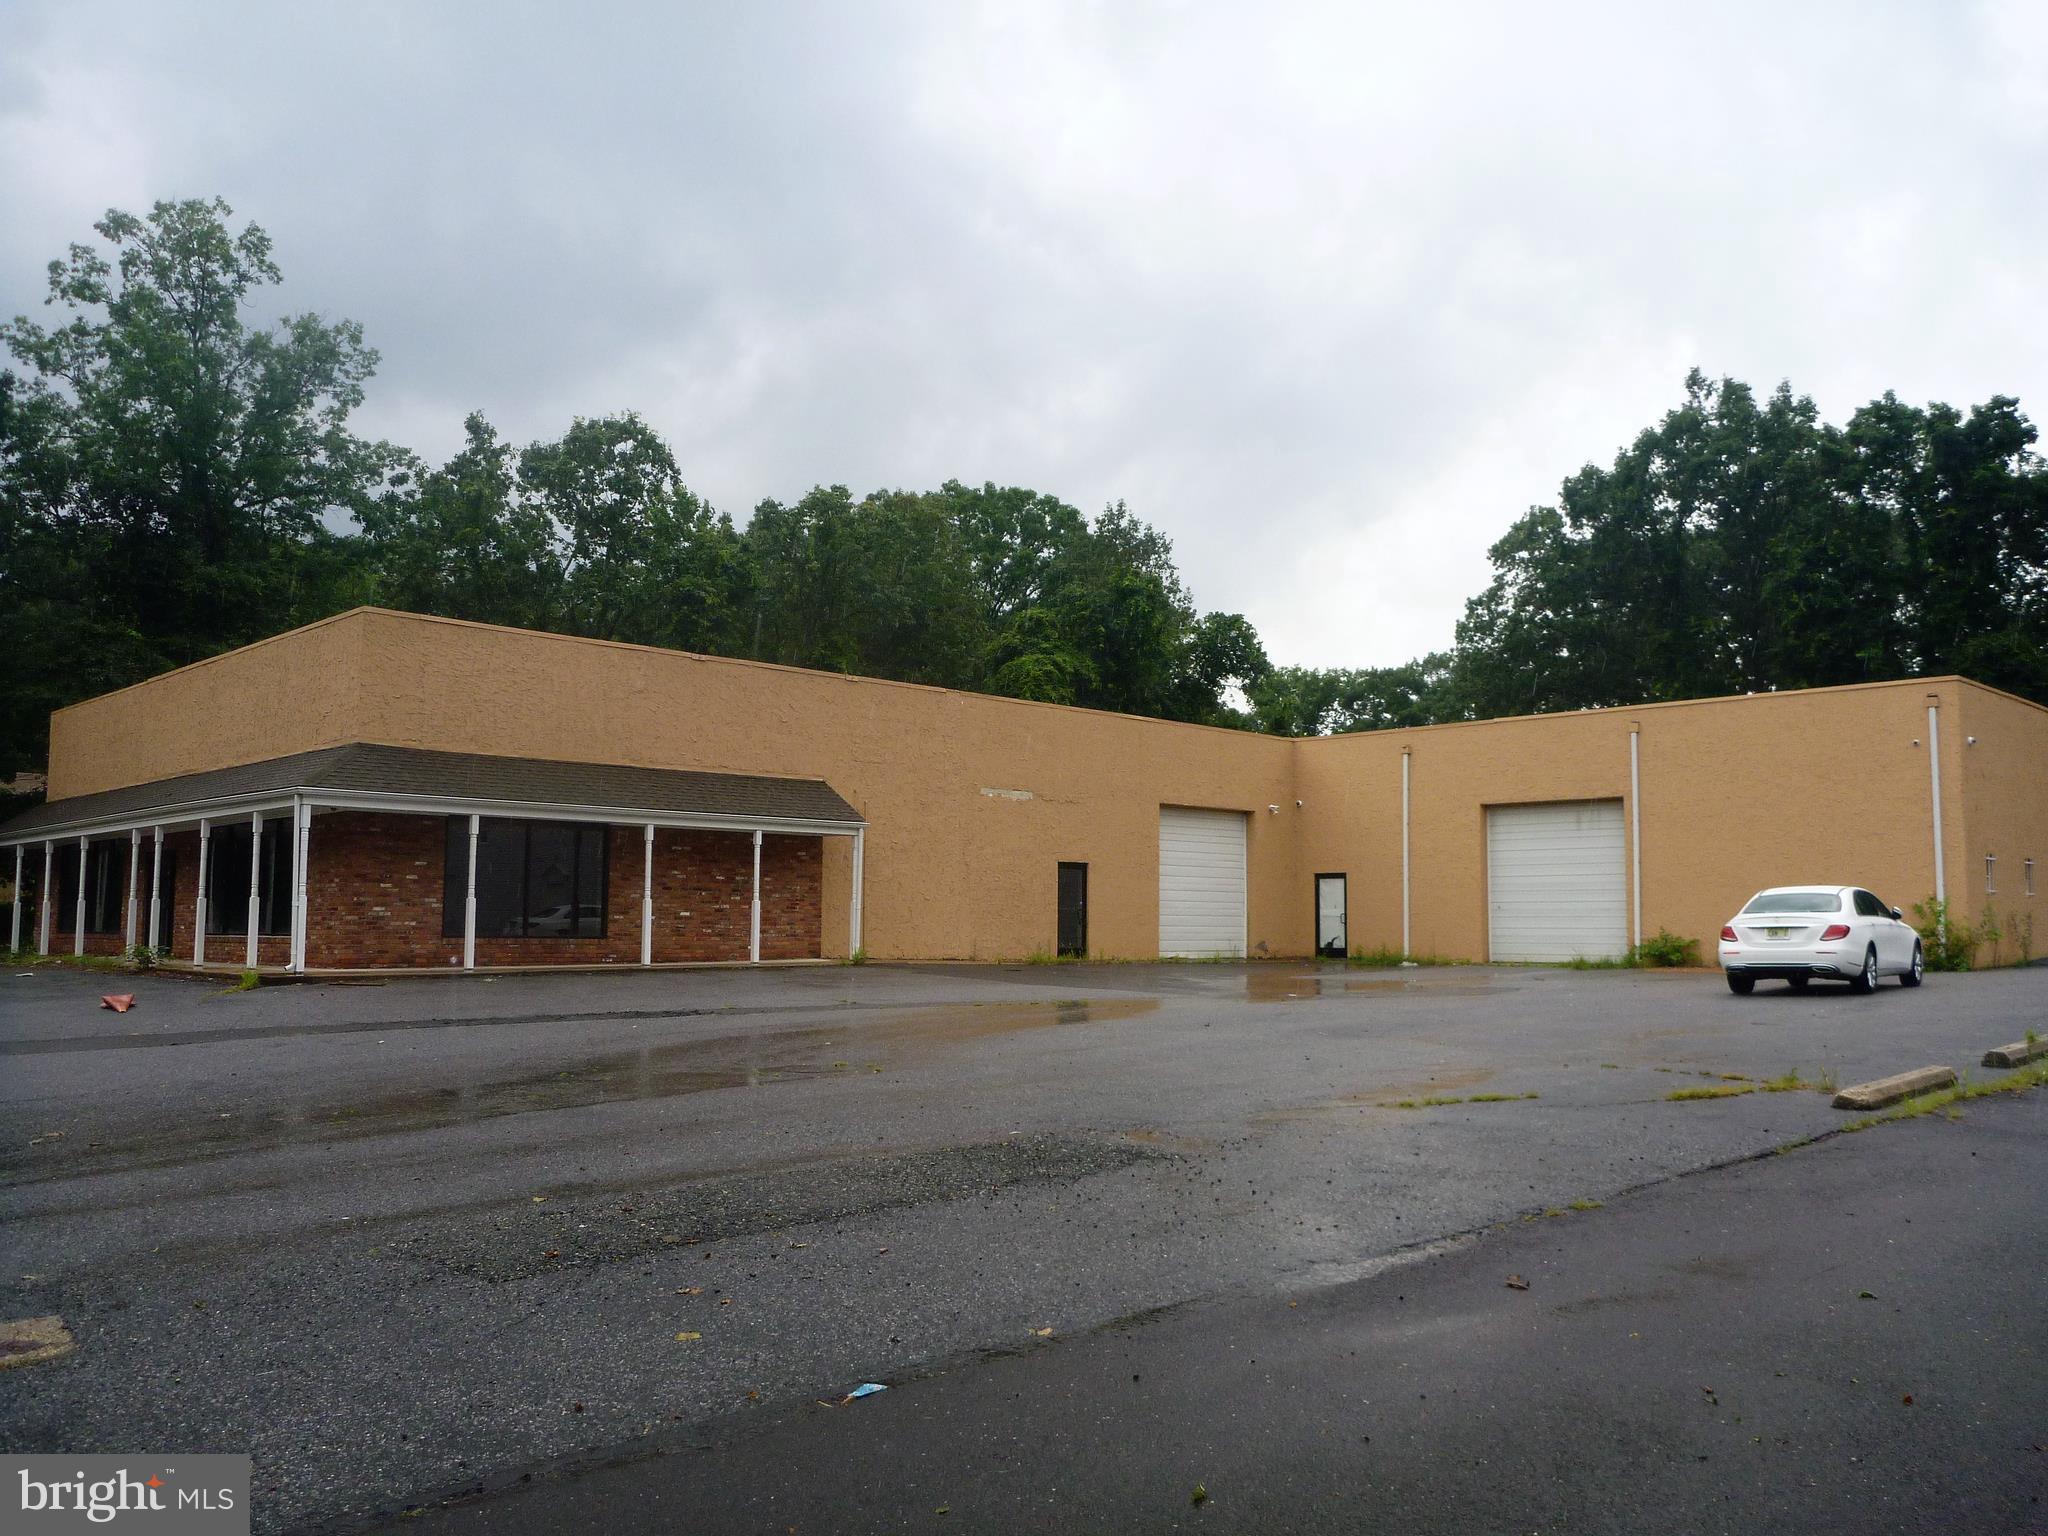 140 S LAKEVIEW DRIVE, GIBBSBORO, NJ 08026